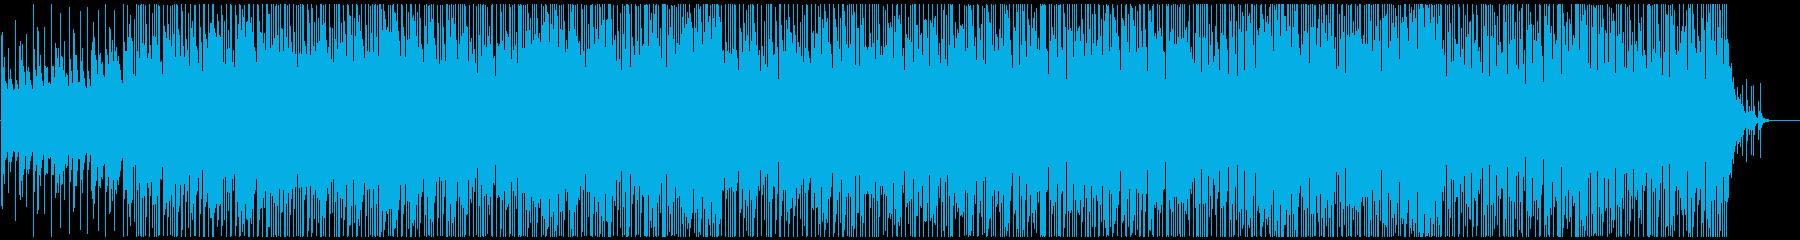 ウクレレポップロック 楽しく明るい企業系の再生済みの波形